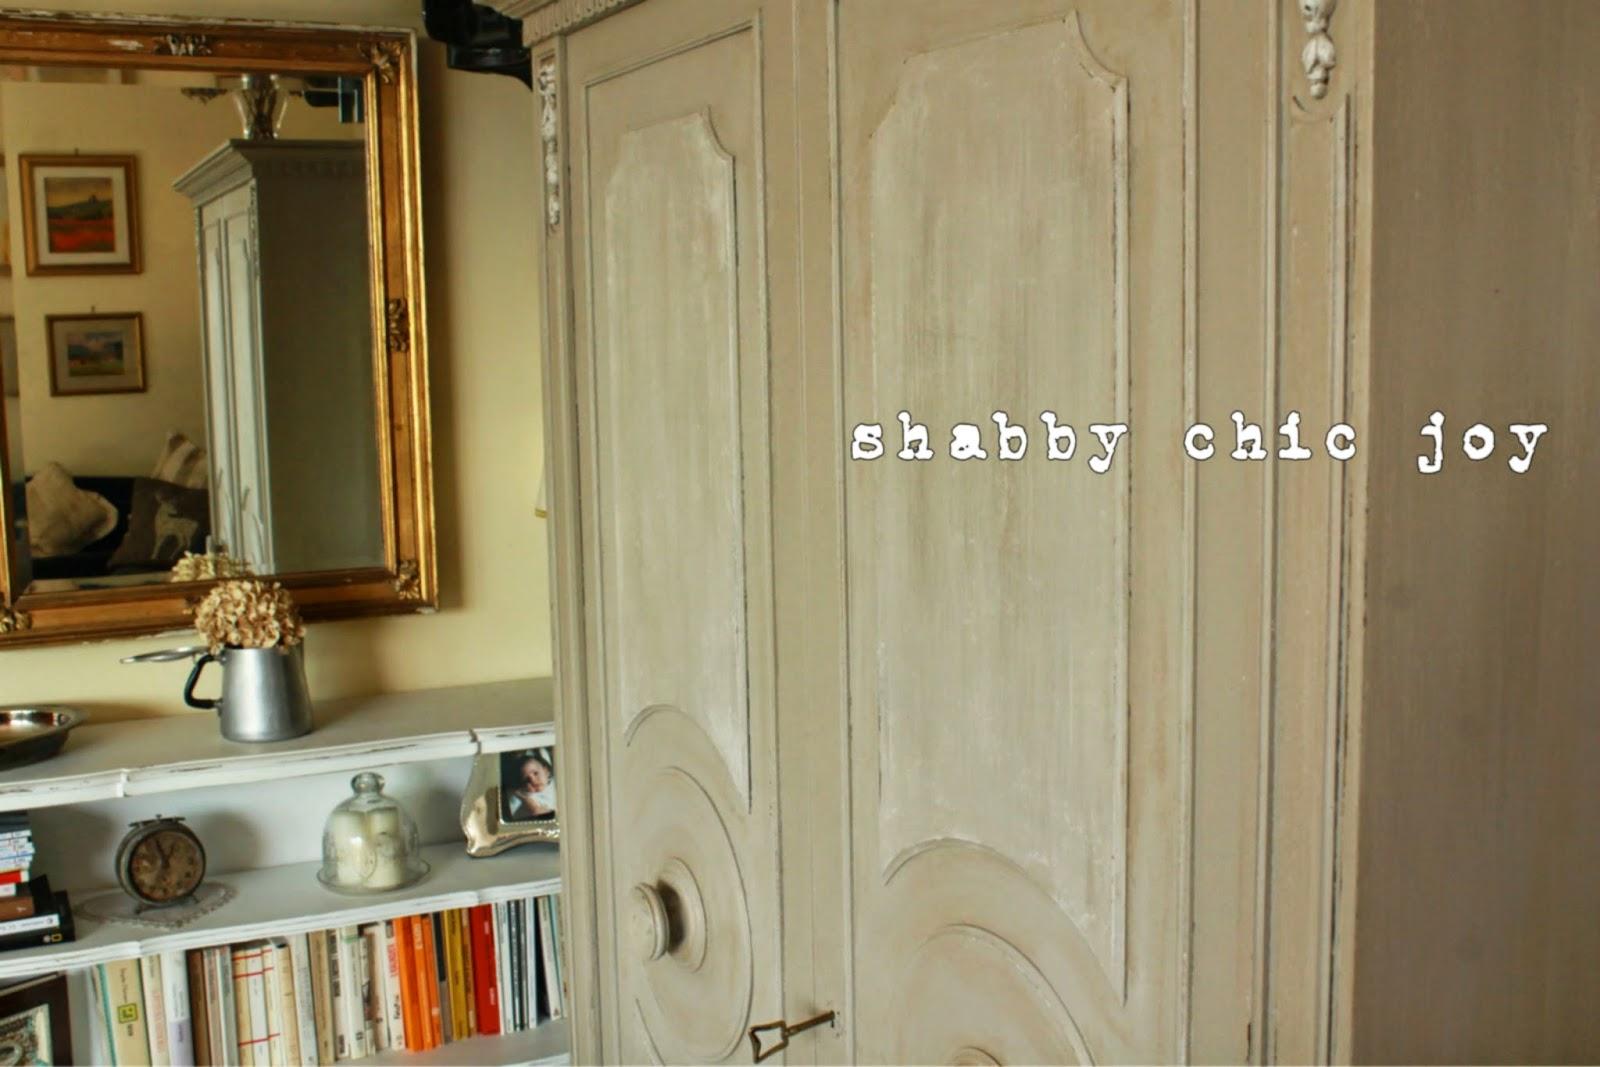 Armadio Shabby Chic Usato: Corso per ricolorare mobili usati ...